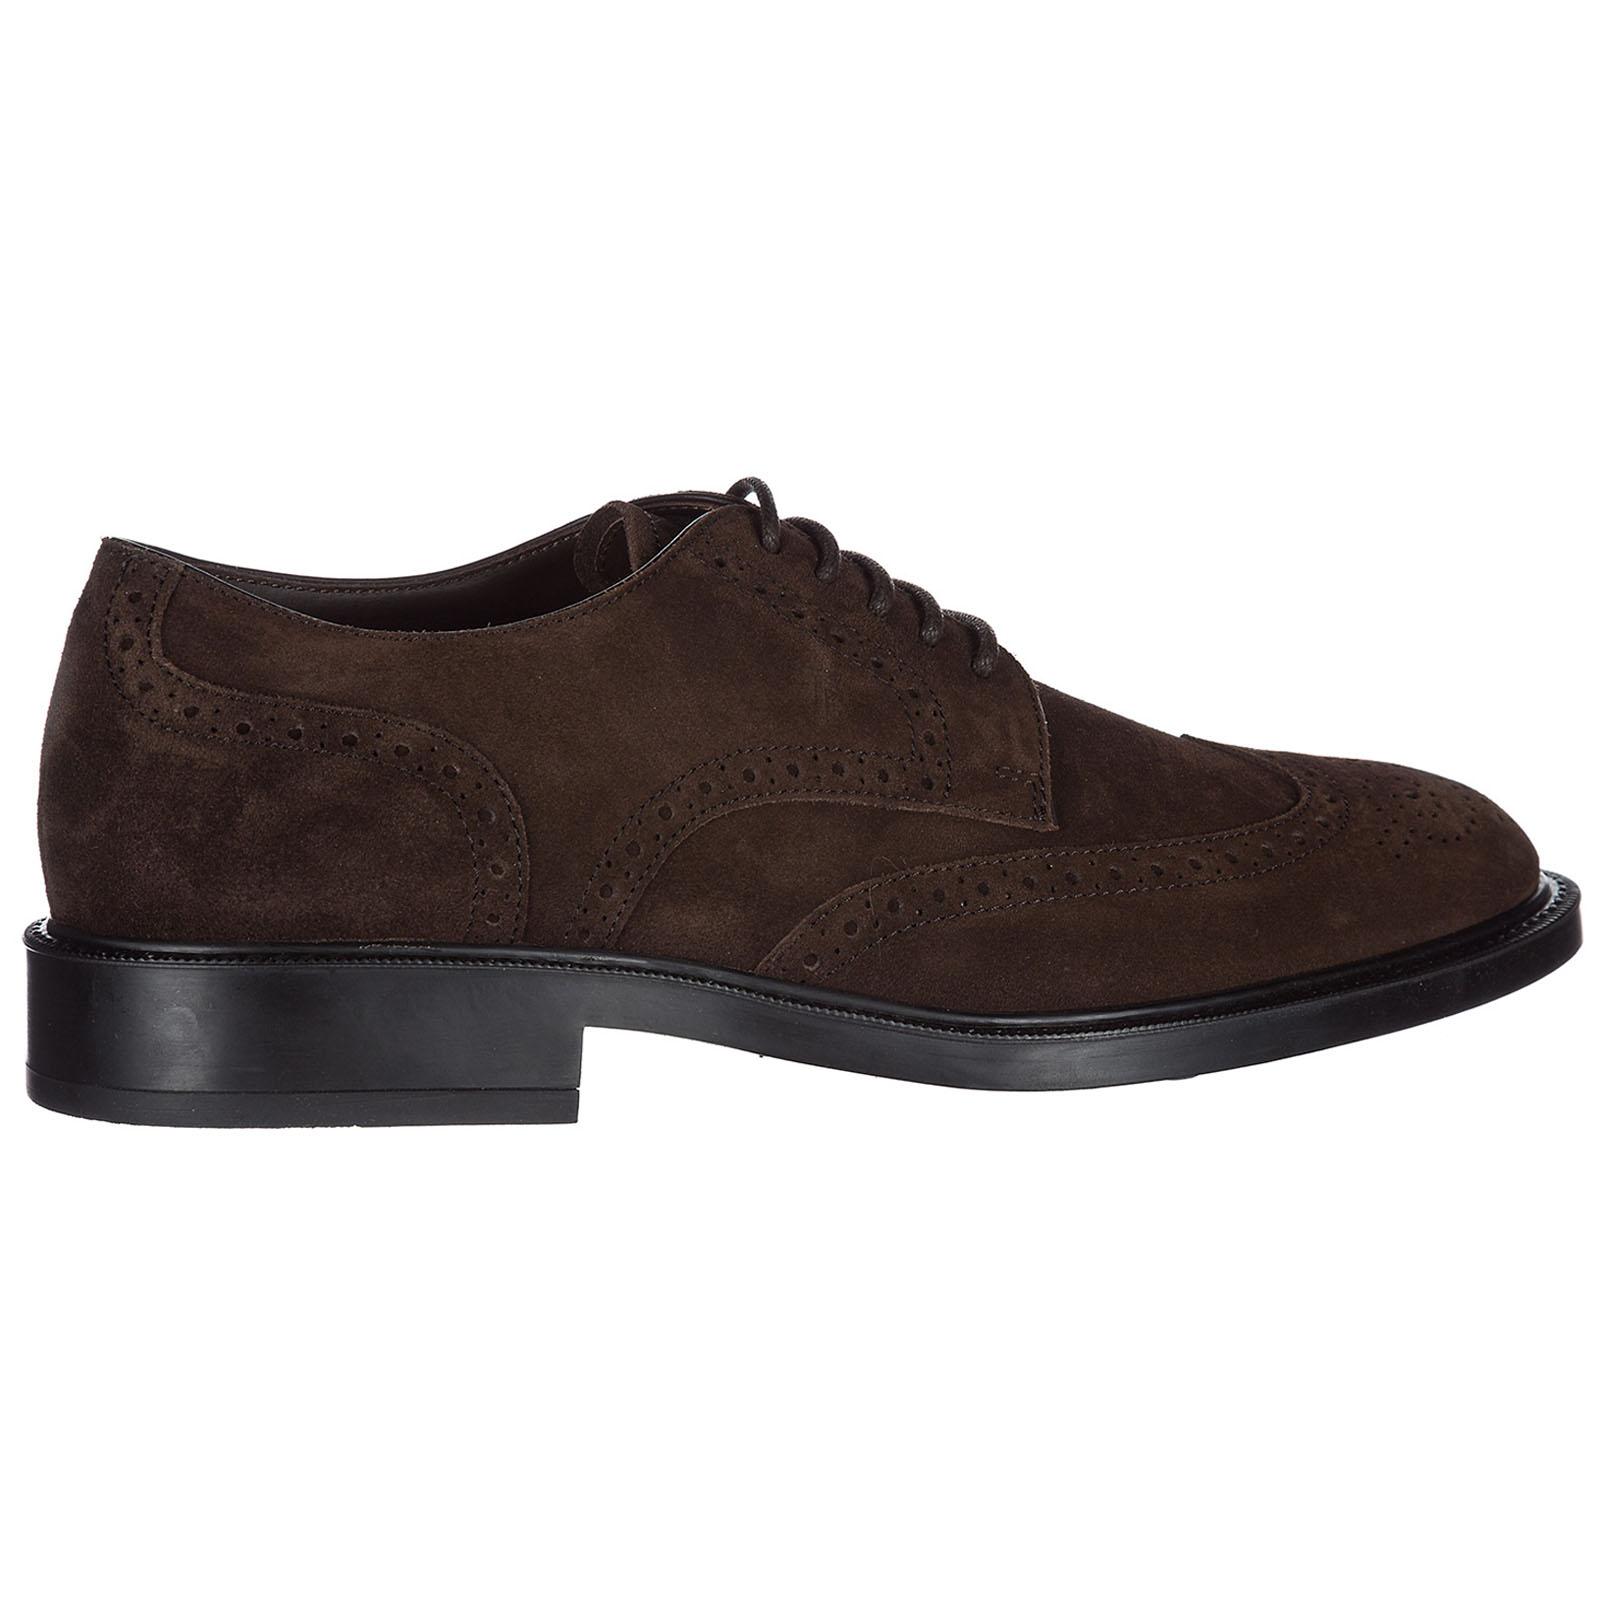 Clásico zapatos de cordones en ante hombres derby